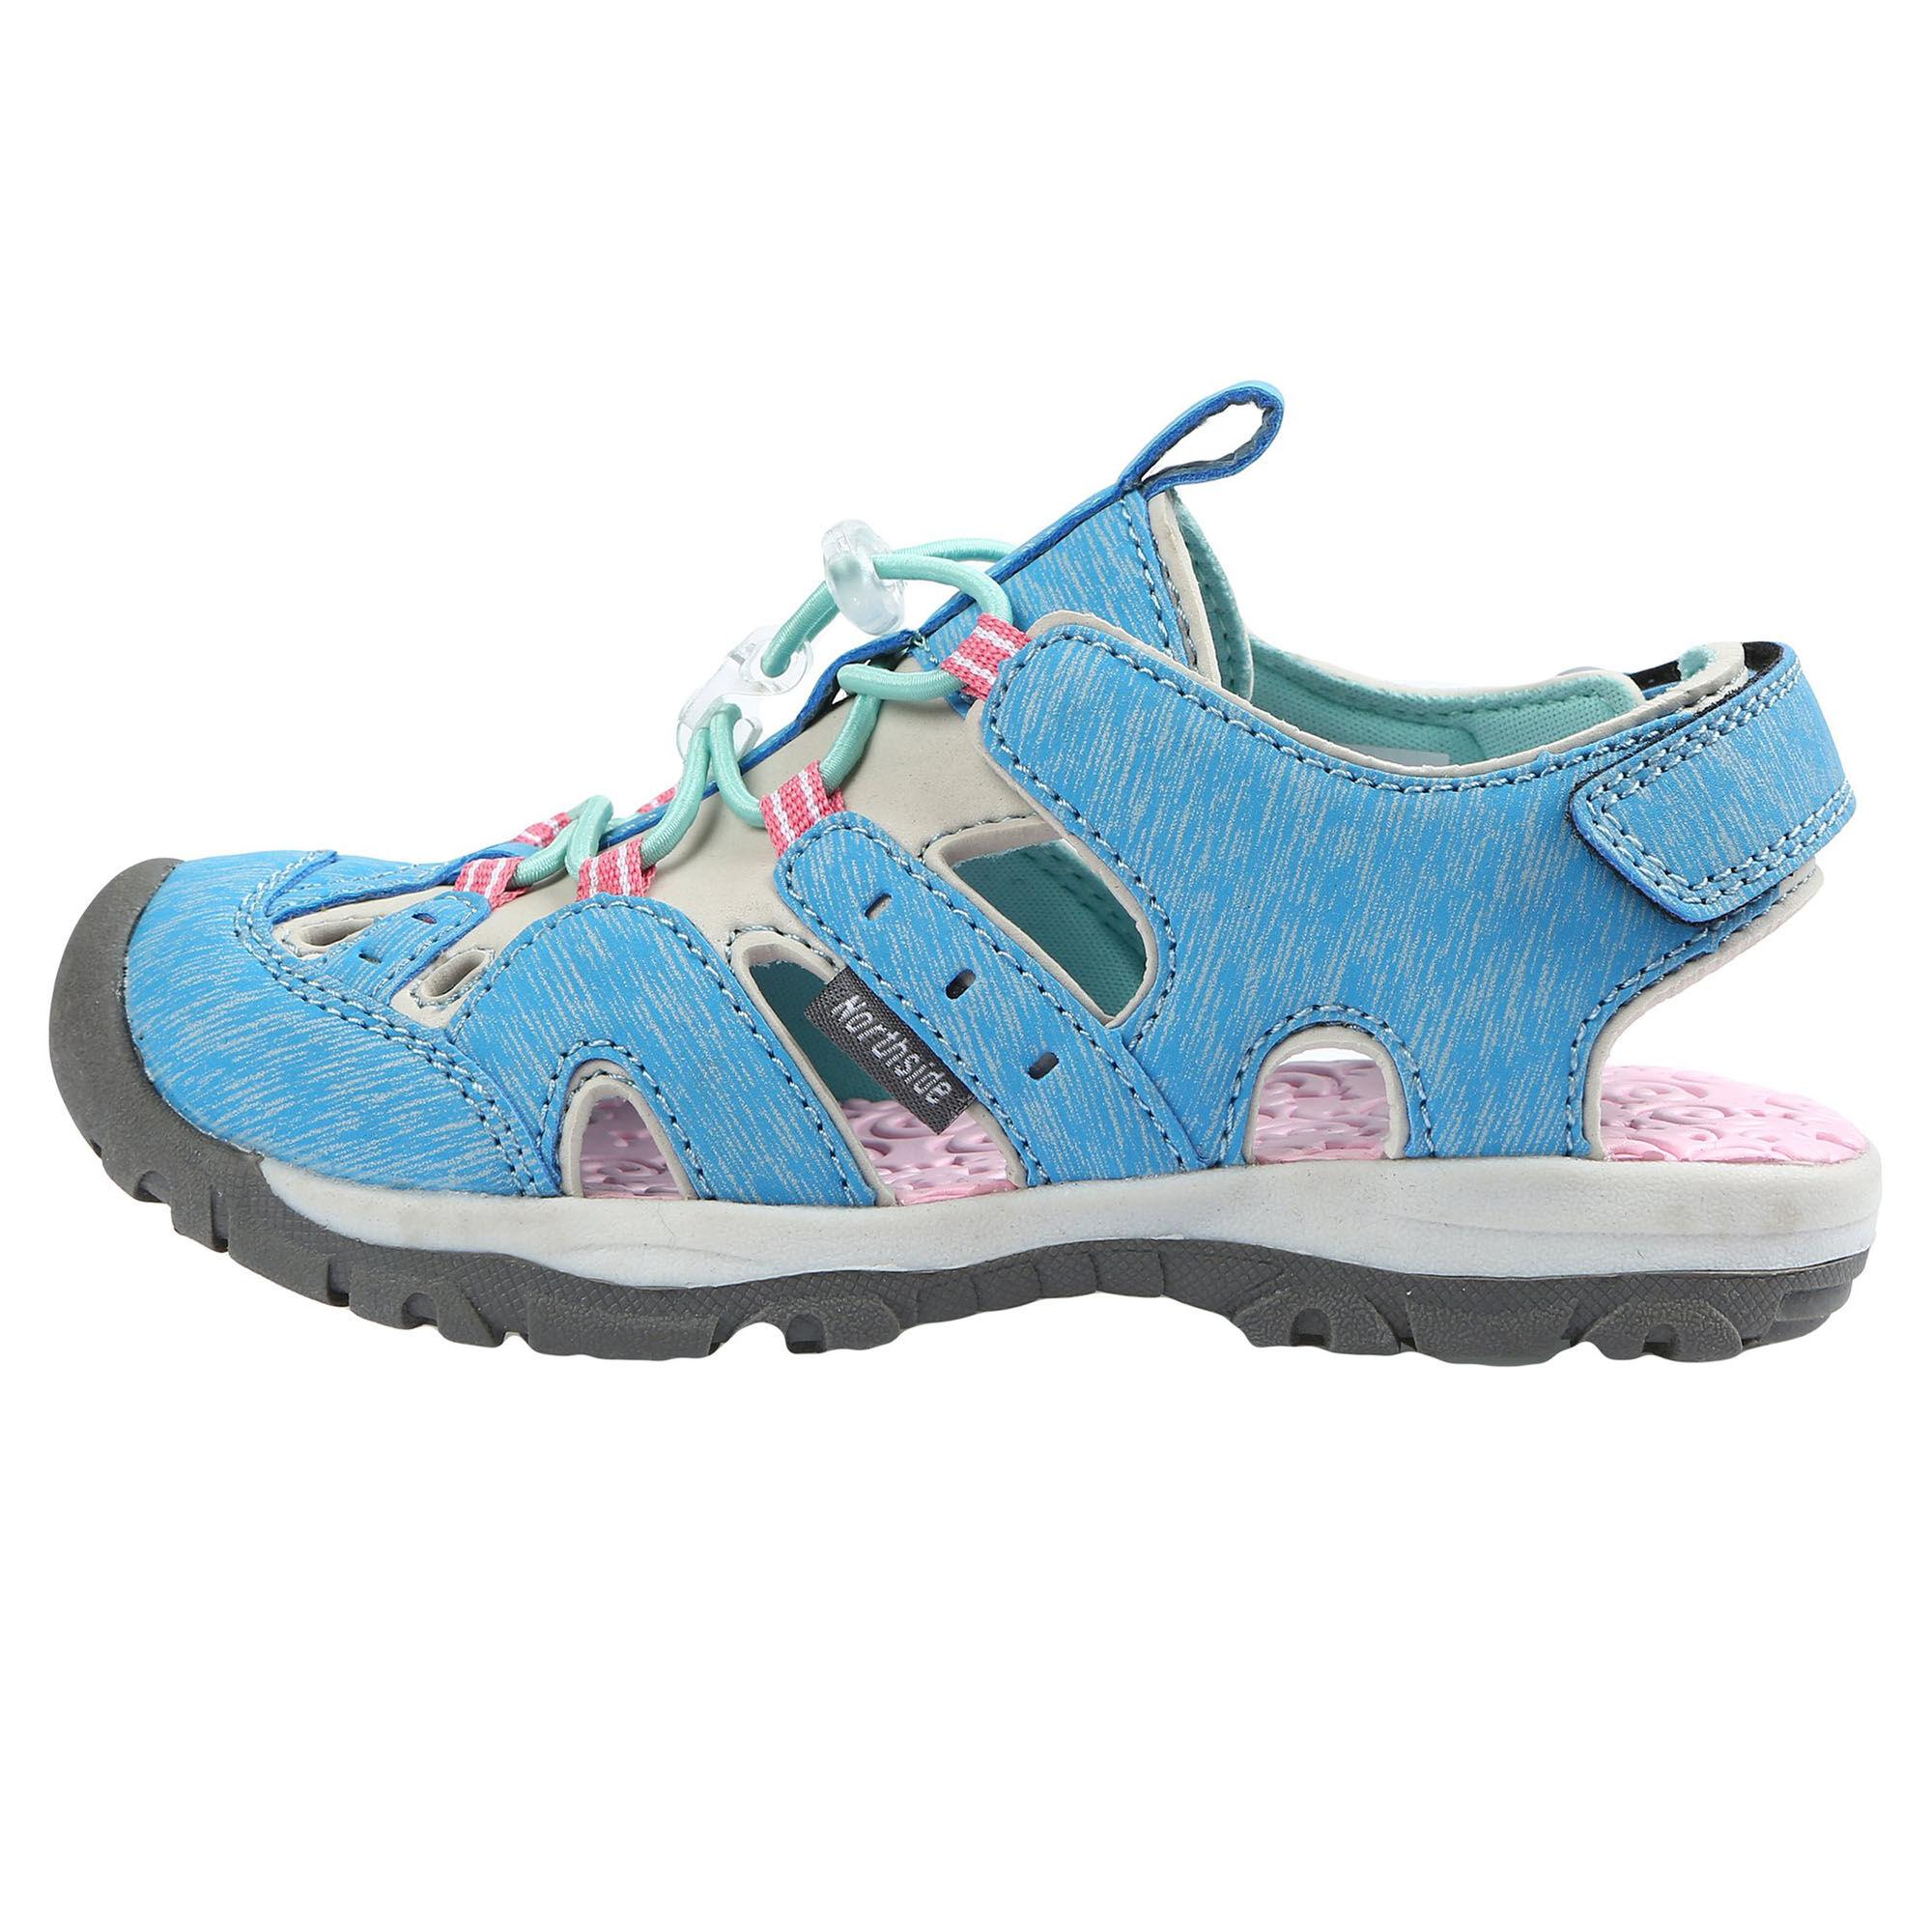 Northside Girl's Burke SE Sport Sandals  - Blue/Pink - Size: 13